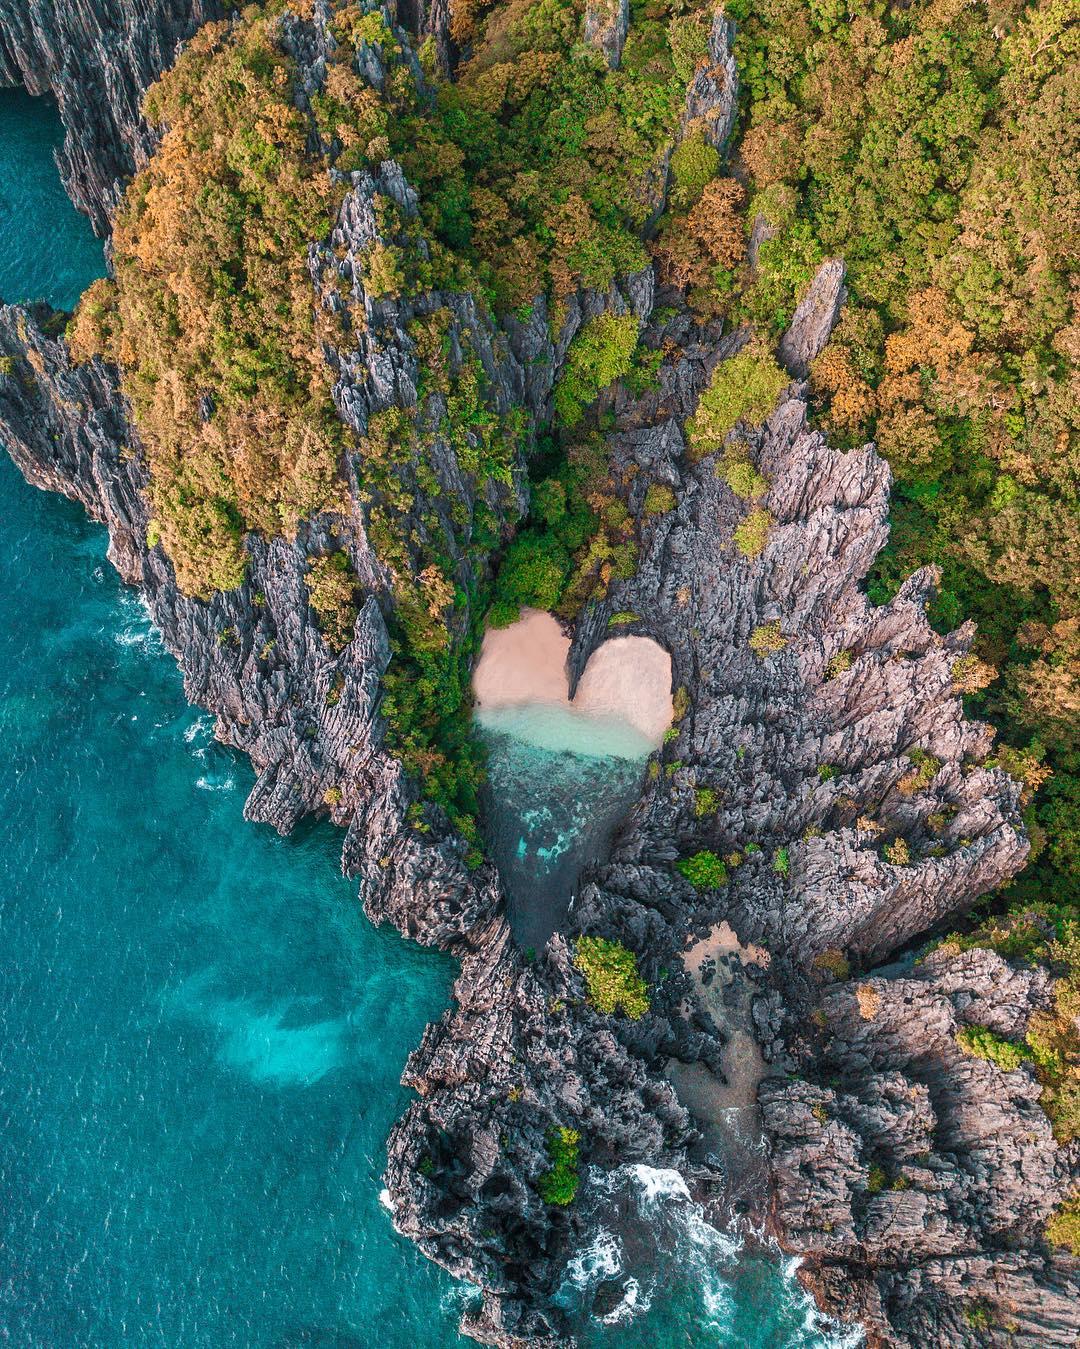 Photography - KevinEassa, Green, Blue, Gray, El Nido, Palawan, Phillipines.jpg